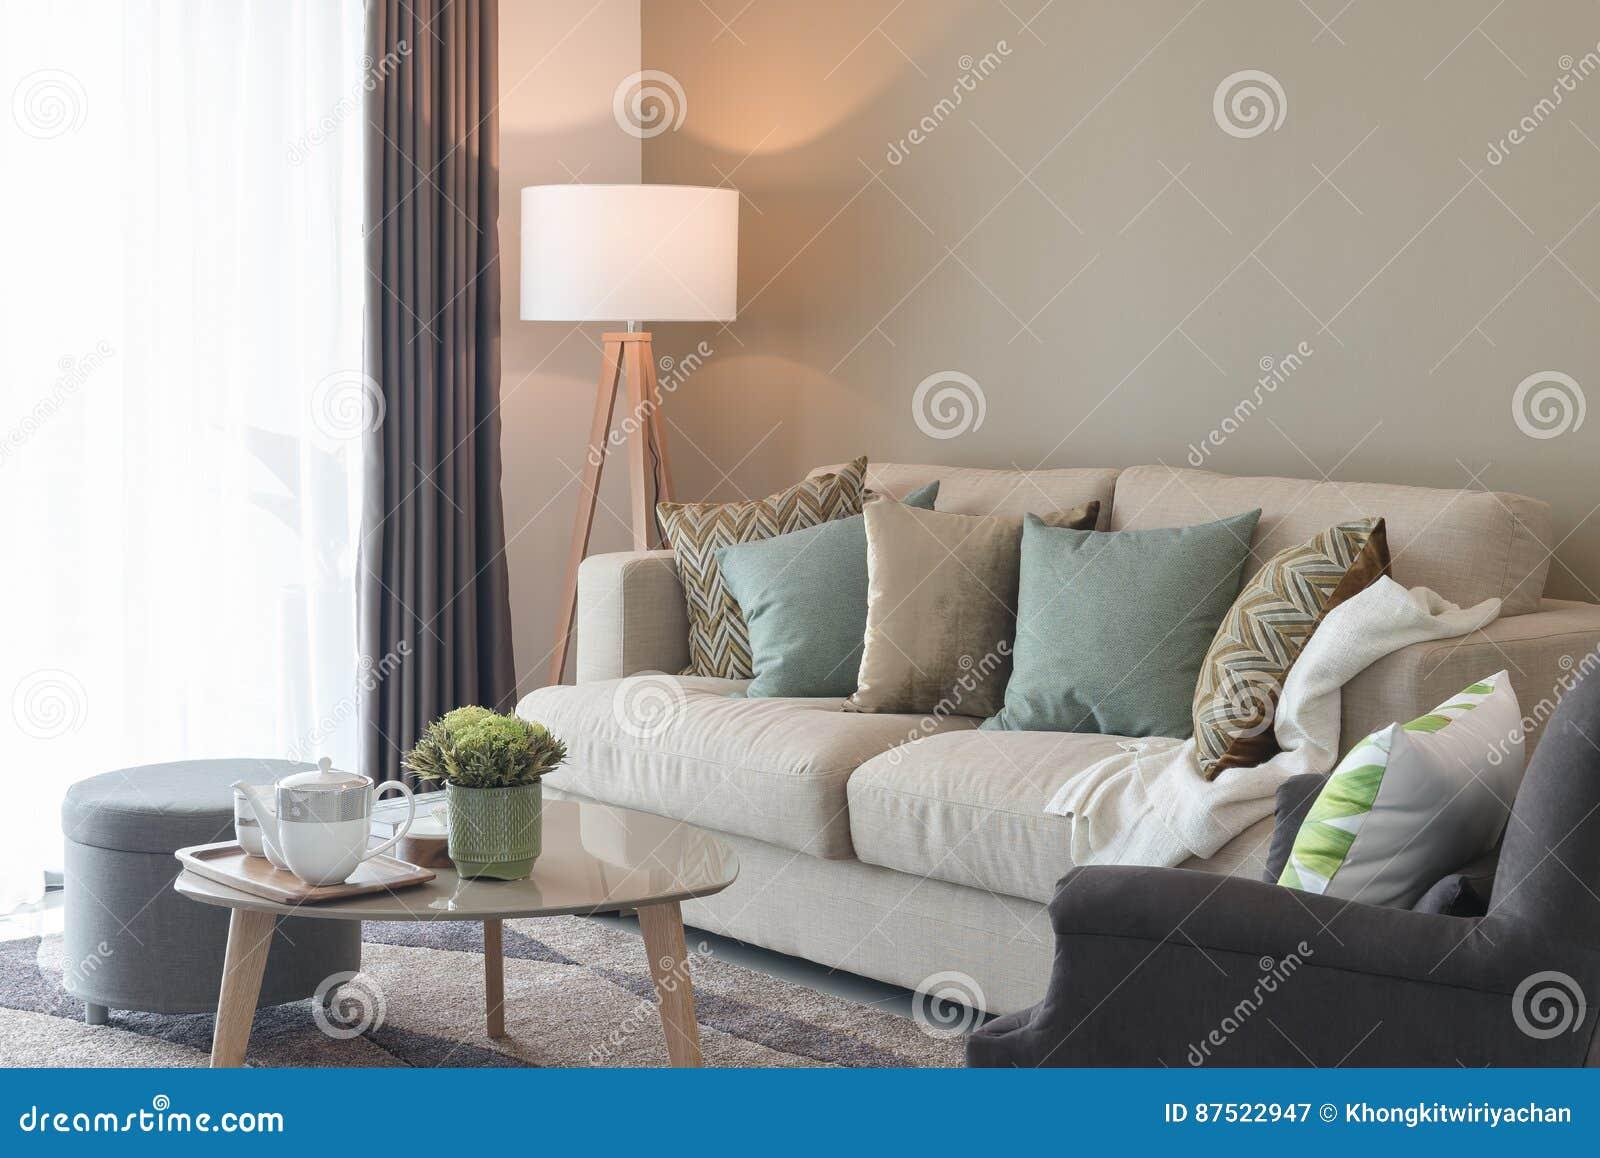 Modernes Wohnzimmer Mit Grunen Kissen Auf Gemutlichem Sofa Und